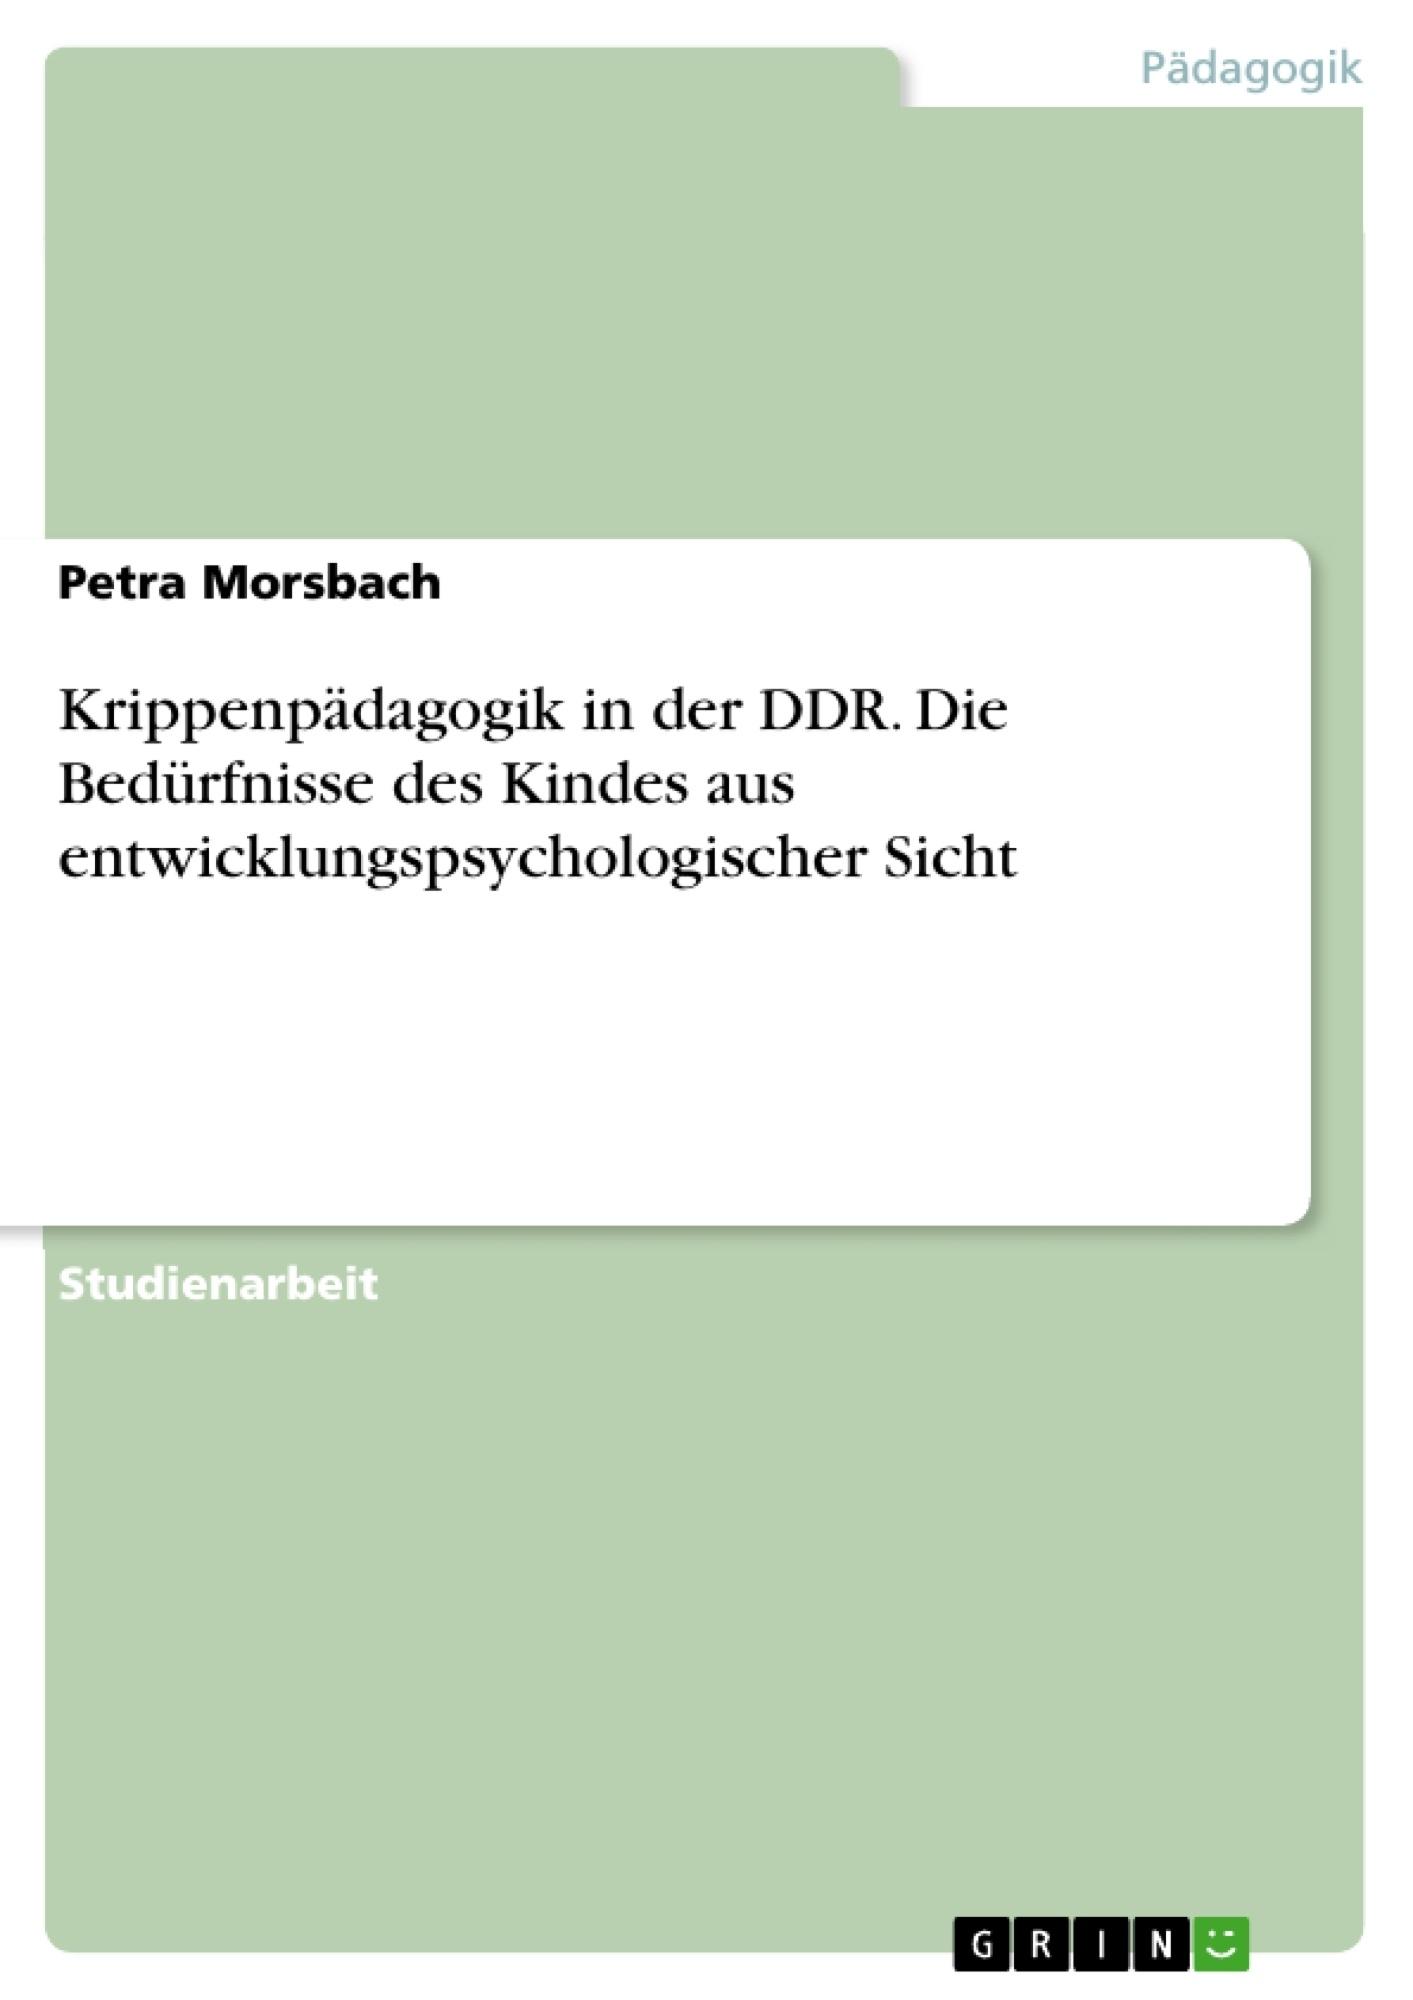 Titel: Krippenpädagogik in der DDR. Die Bedürfnisse des Kindes aus entwicklungspsychologischer Sicht